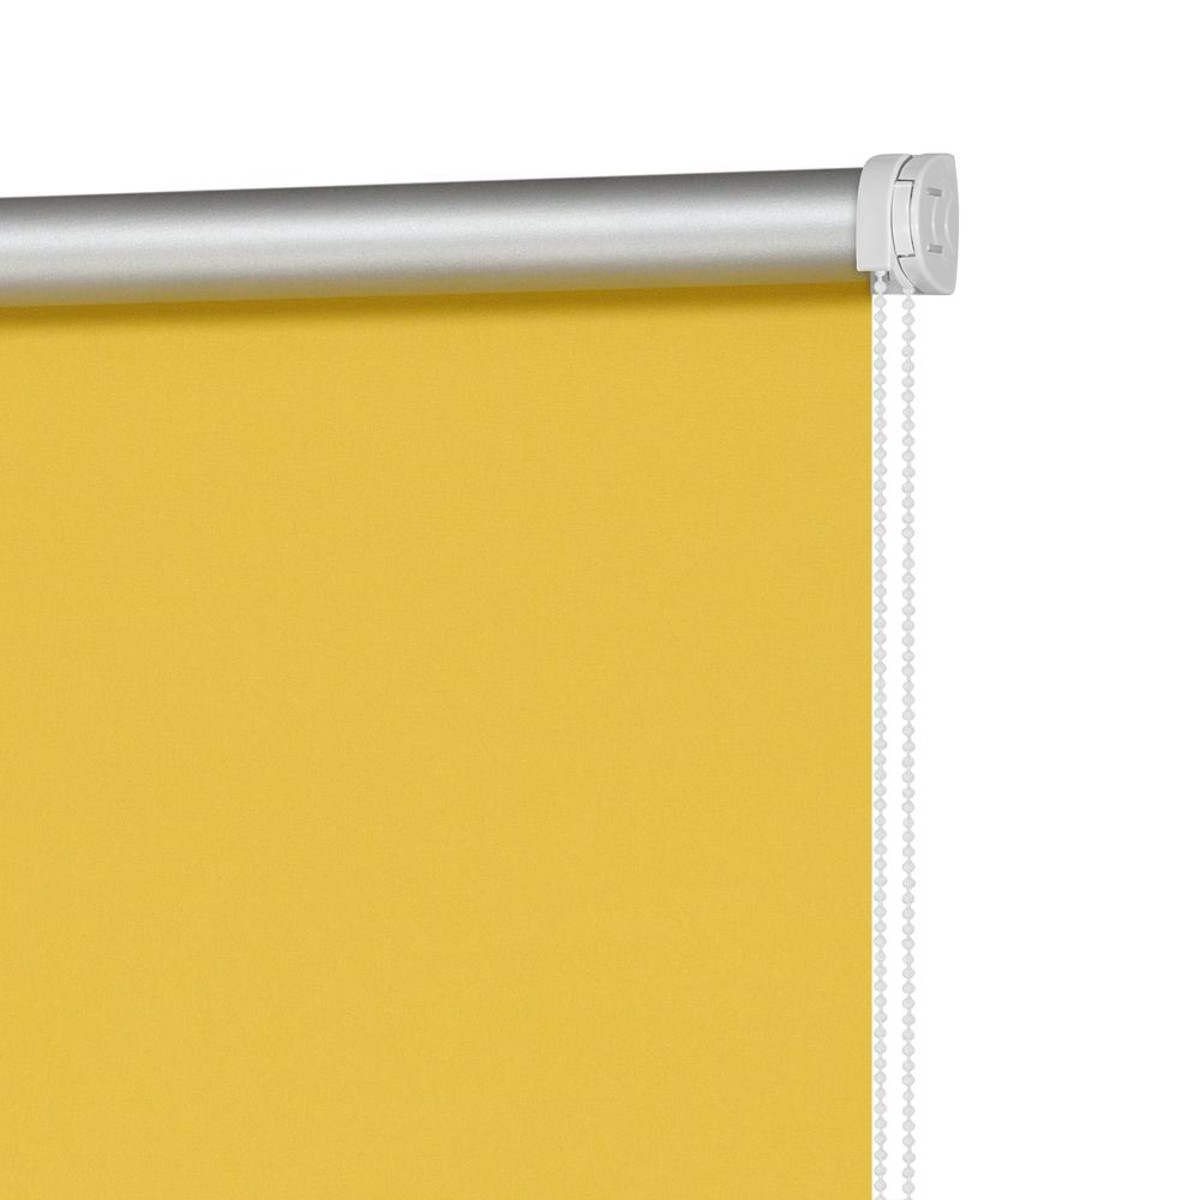 Рулонная Ора Decofest Блэкаут Плайн 100Х160 Цвет Желтый